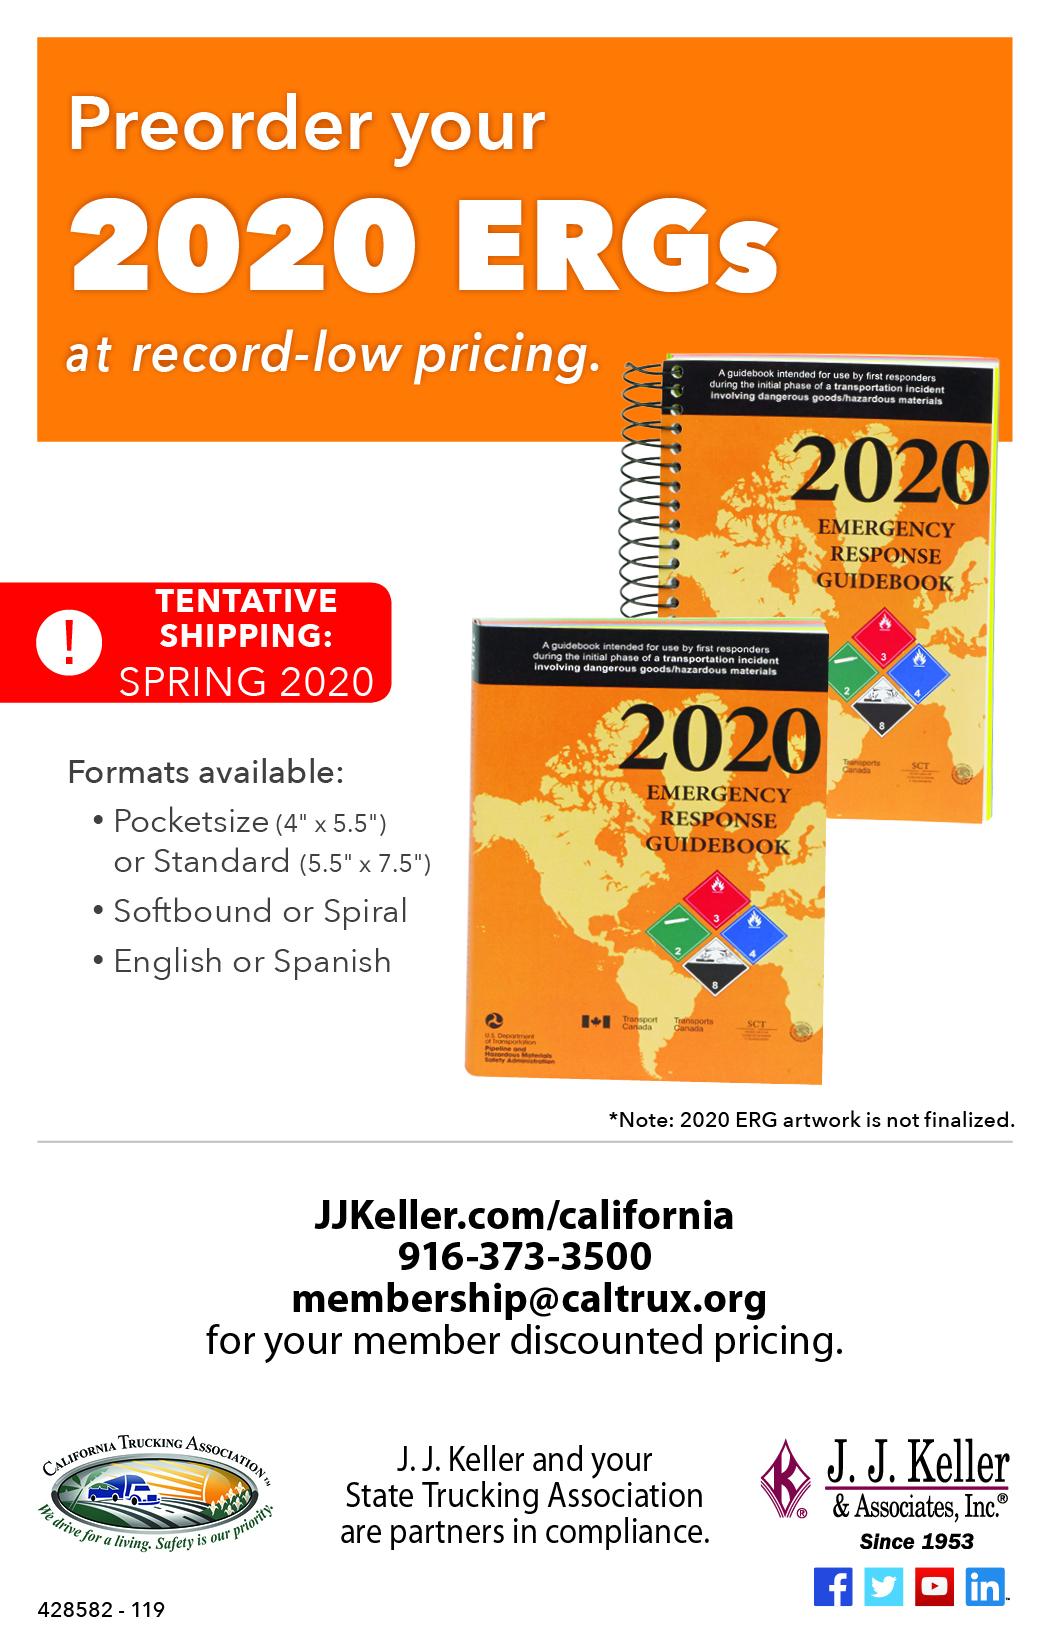 JJ Keller 2020 Emergency Response Guidebook (ERG) Ad